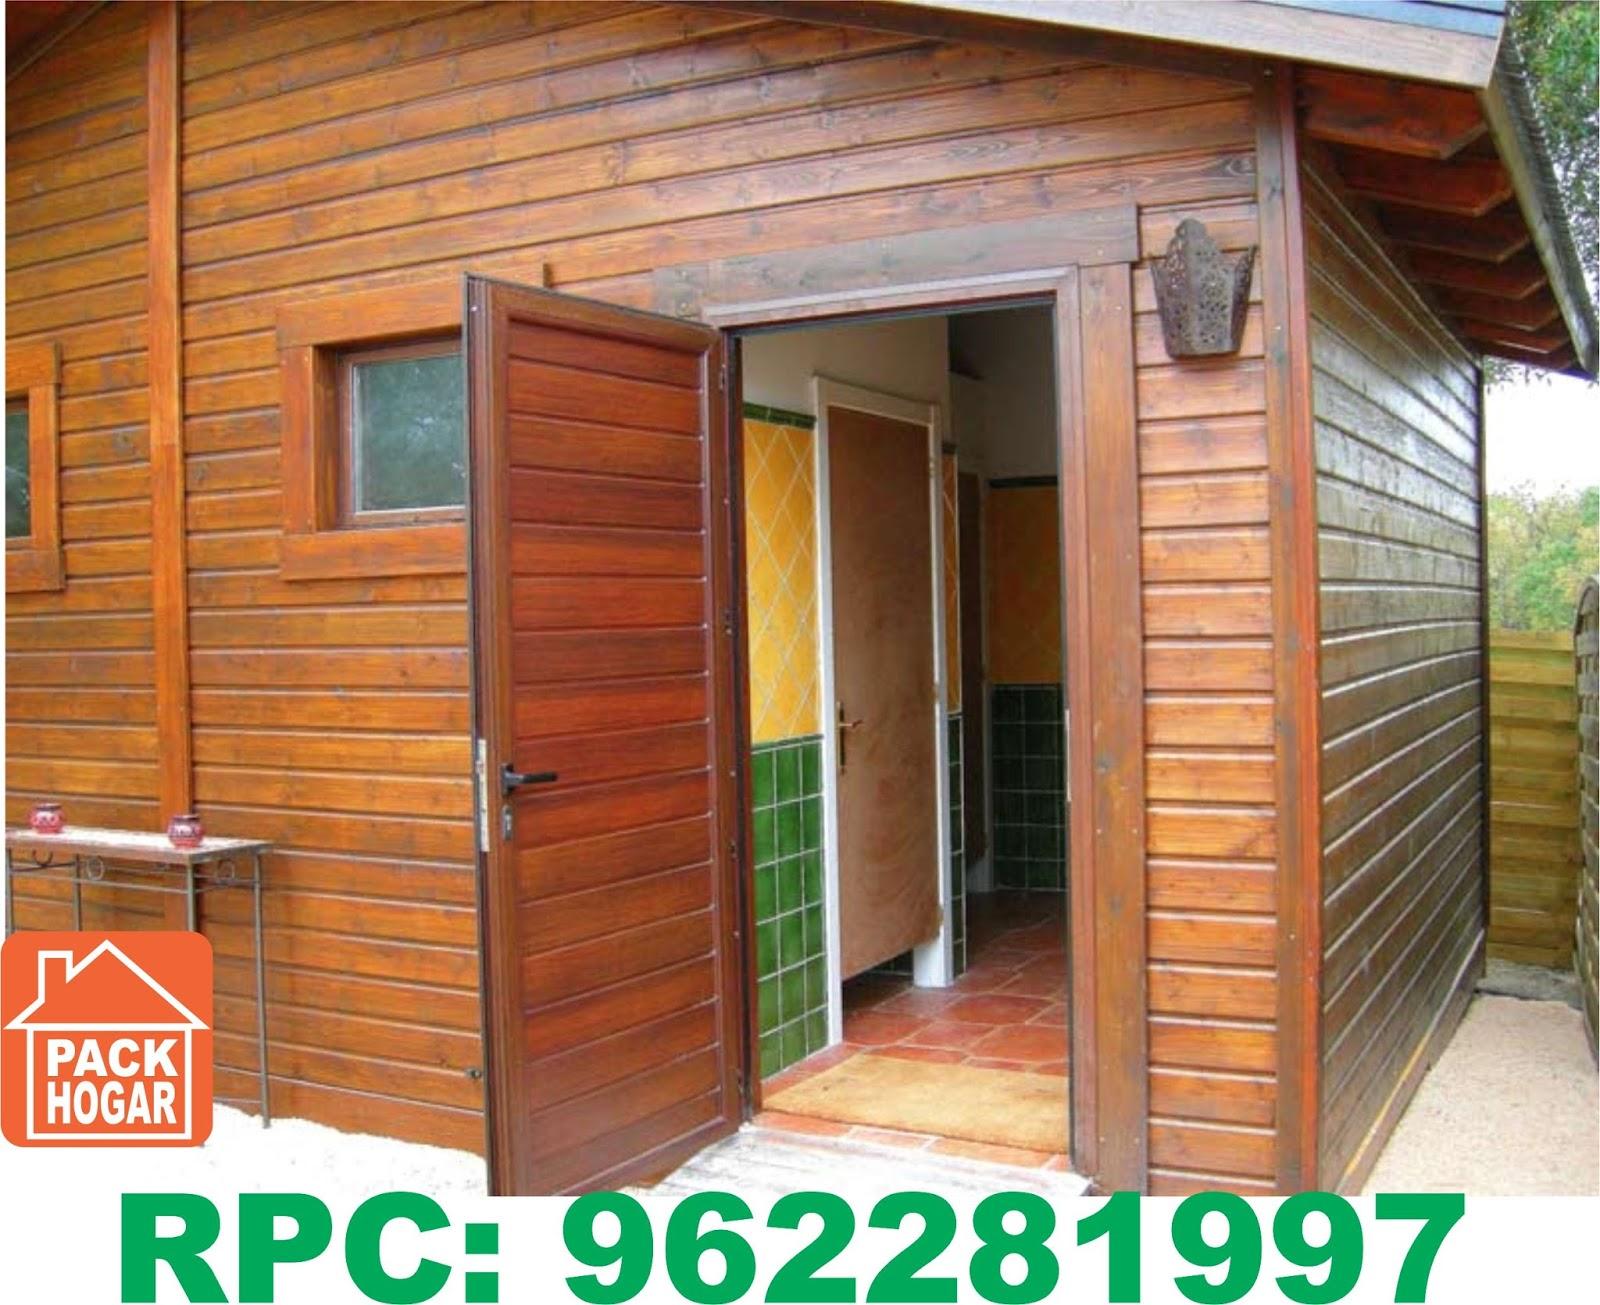 Casetas cuartos habitables prefabricadas de madera lima for Puertas prefabricadas